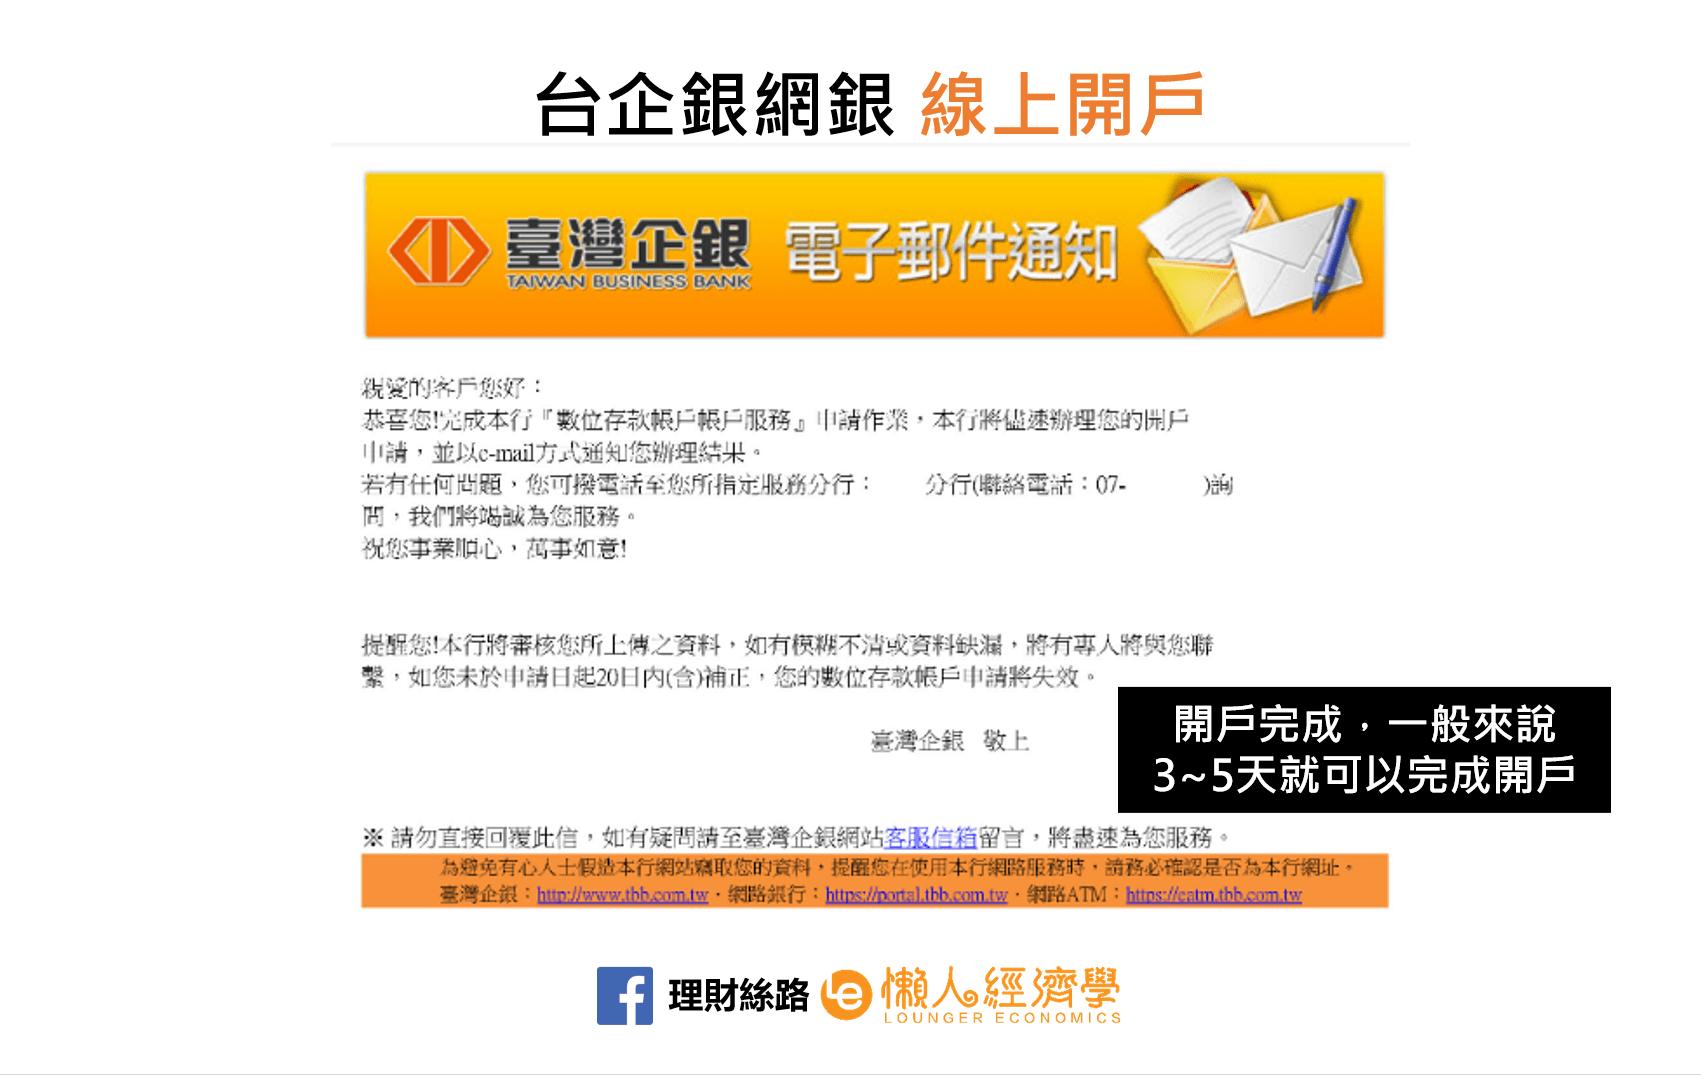 台企銀數位帳戶開戶教學-5